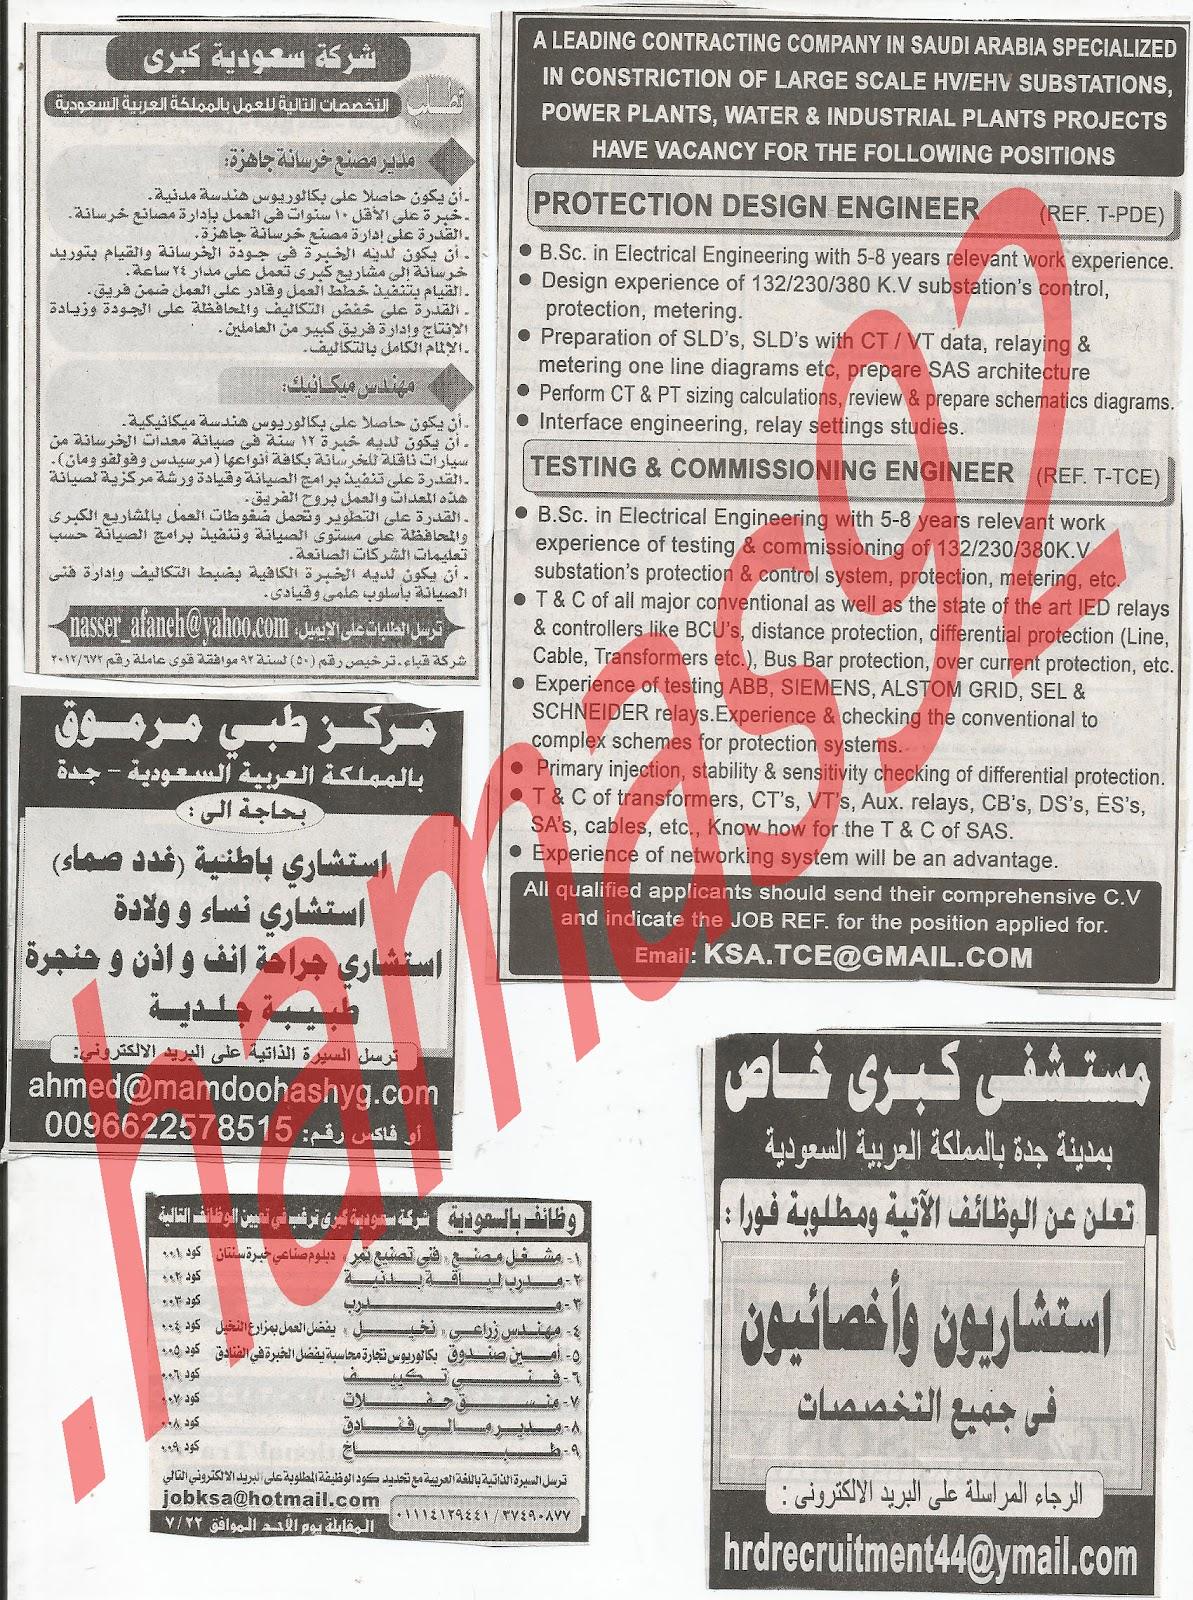 وظائف جريدة الاهرام الجمعة 20/7/2012 - الاعلانات كاملة 9